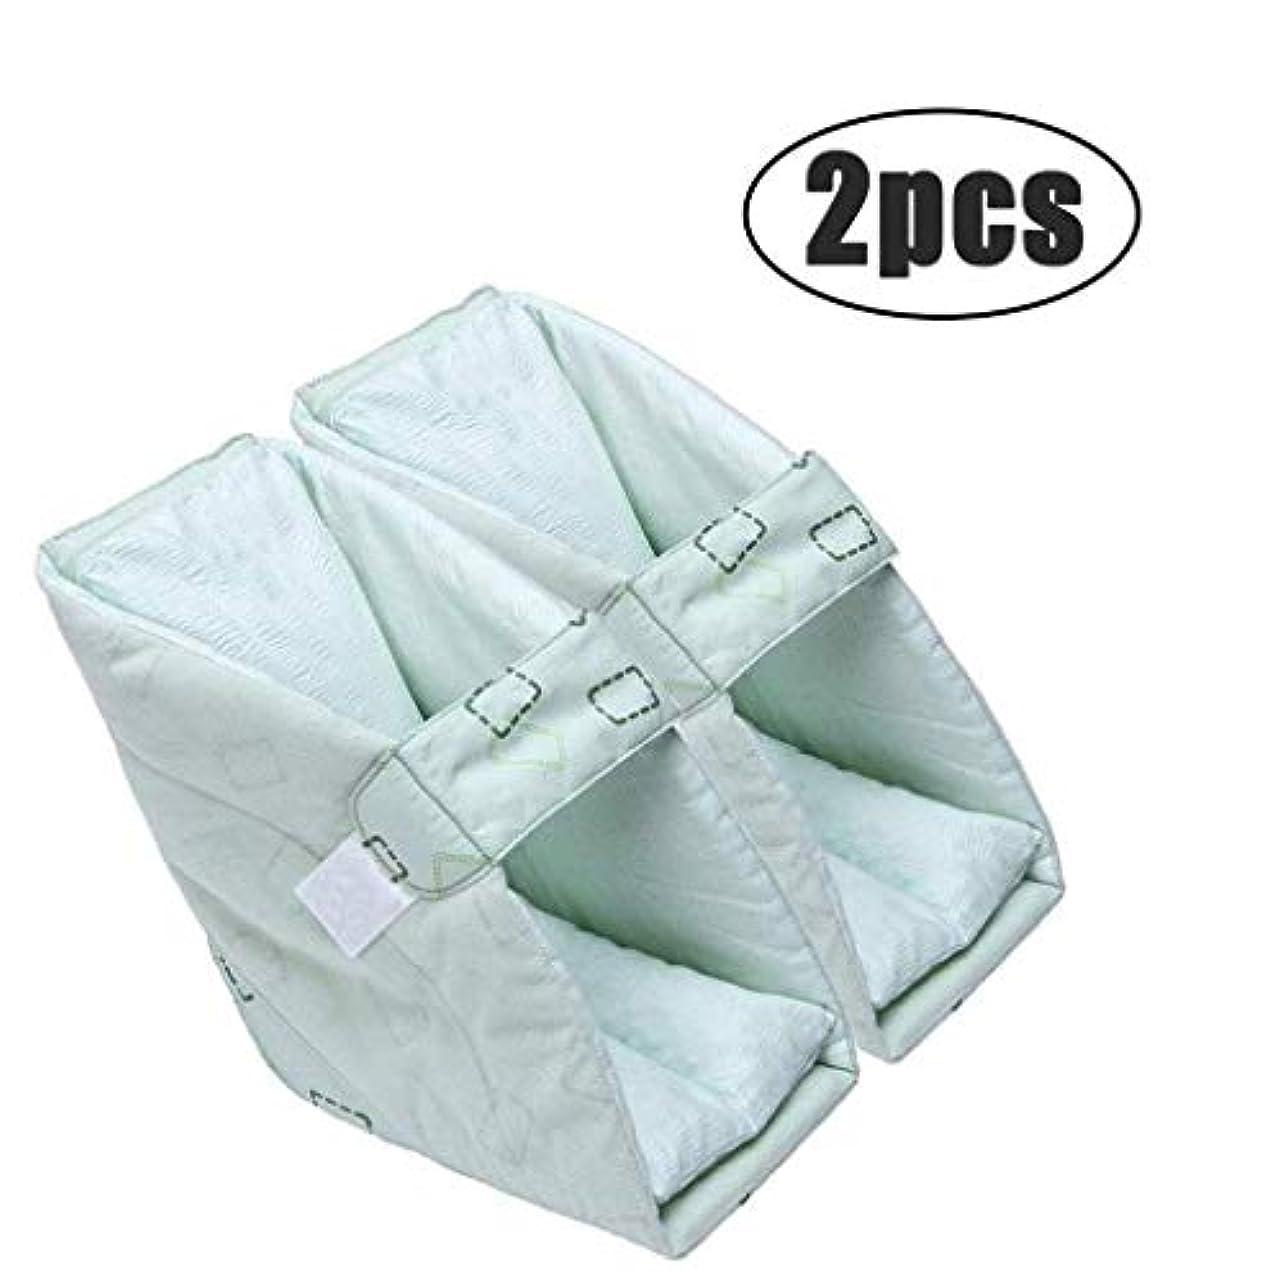 苦難配当コットンTONGSH 足の枕、かかとのプロテクター、かかとのクッション、かかとの保護、効果的なPressure瘡およびかかとの潰瘍の救済、腫れた足に最適、快適なかかとの保護の足の枕 (Size : 2pcs)